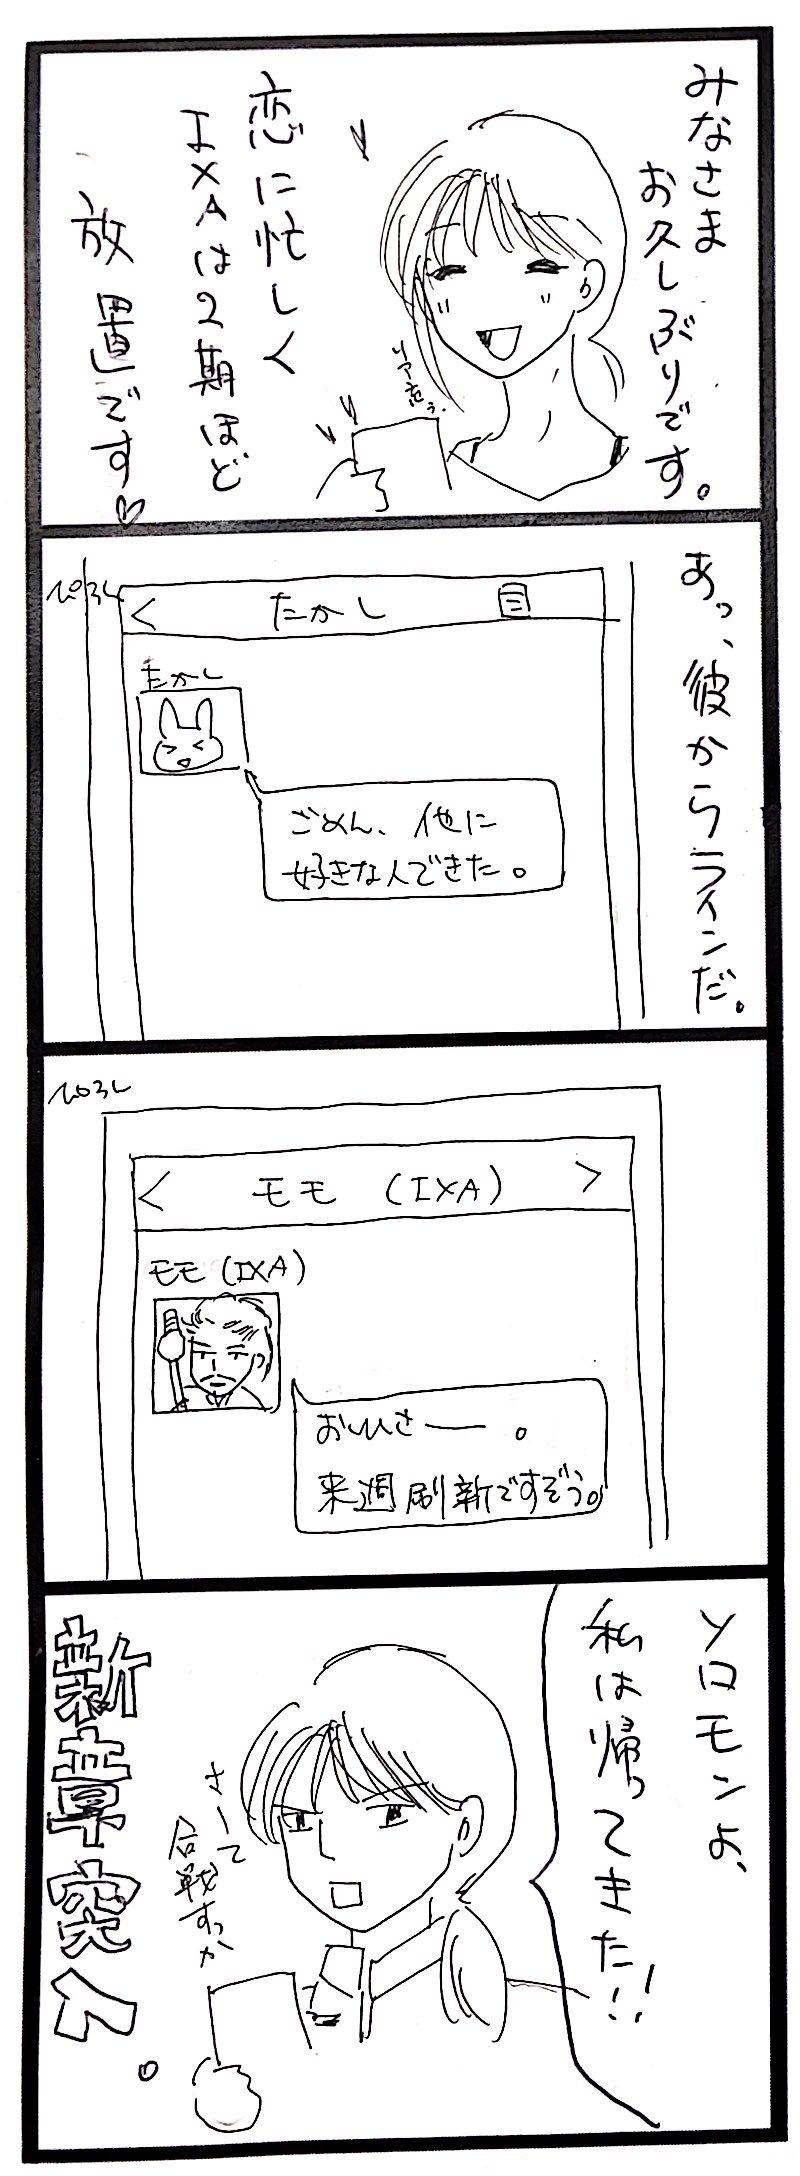 e0287444_17304477.jpeg